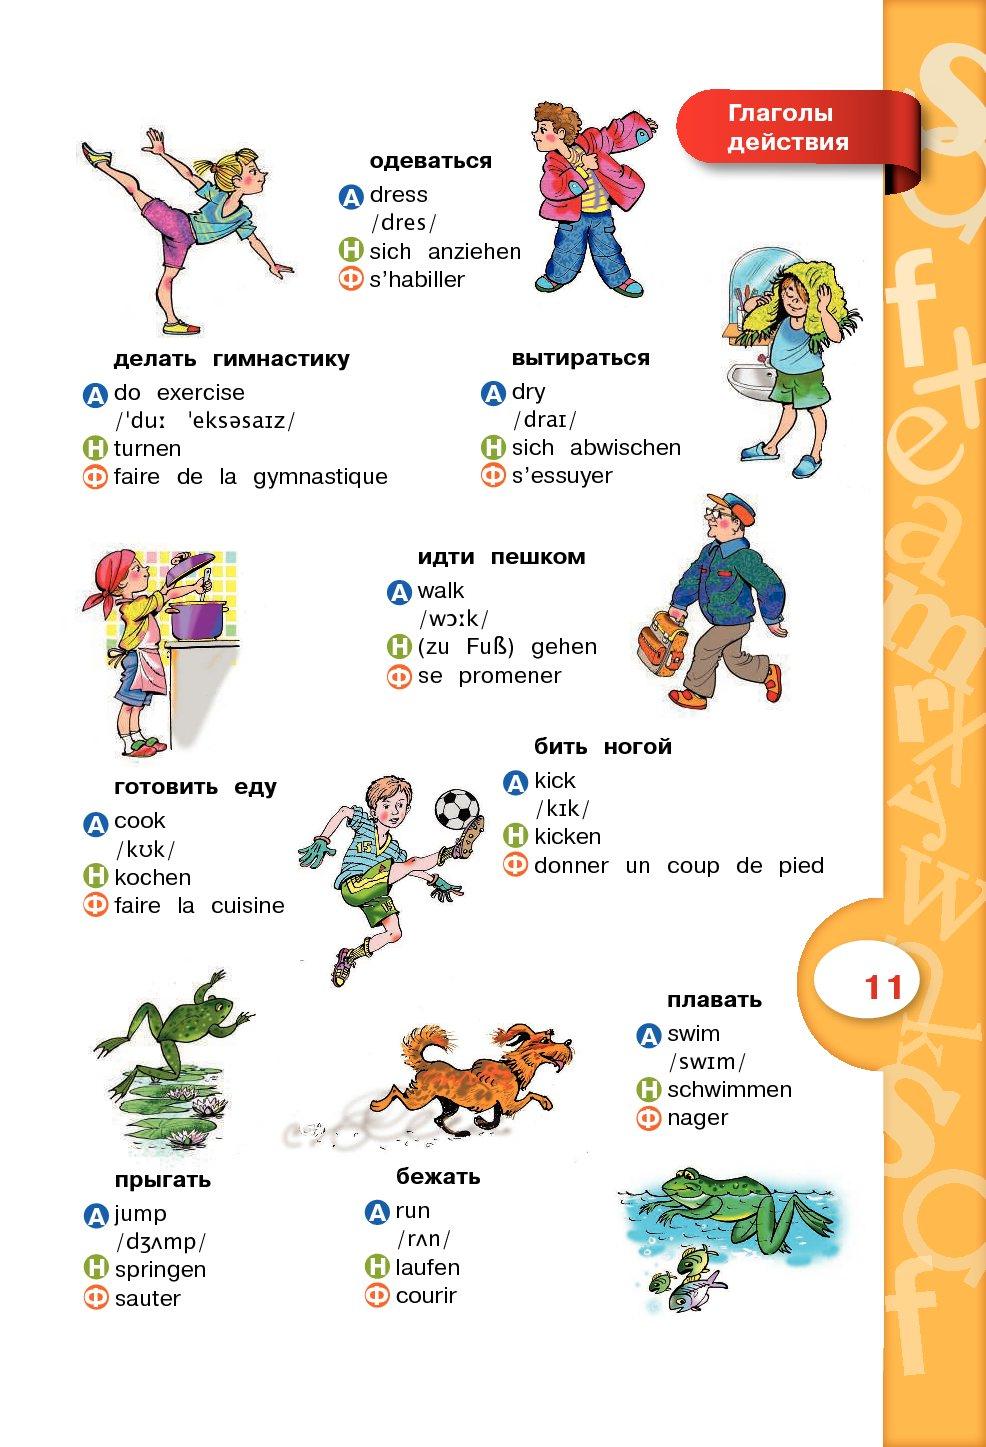 Деве смайлы, картинки на английском языке перевод